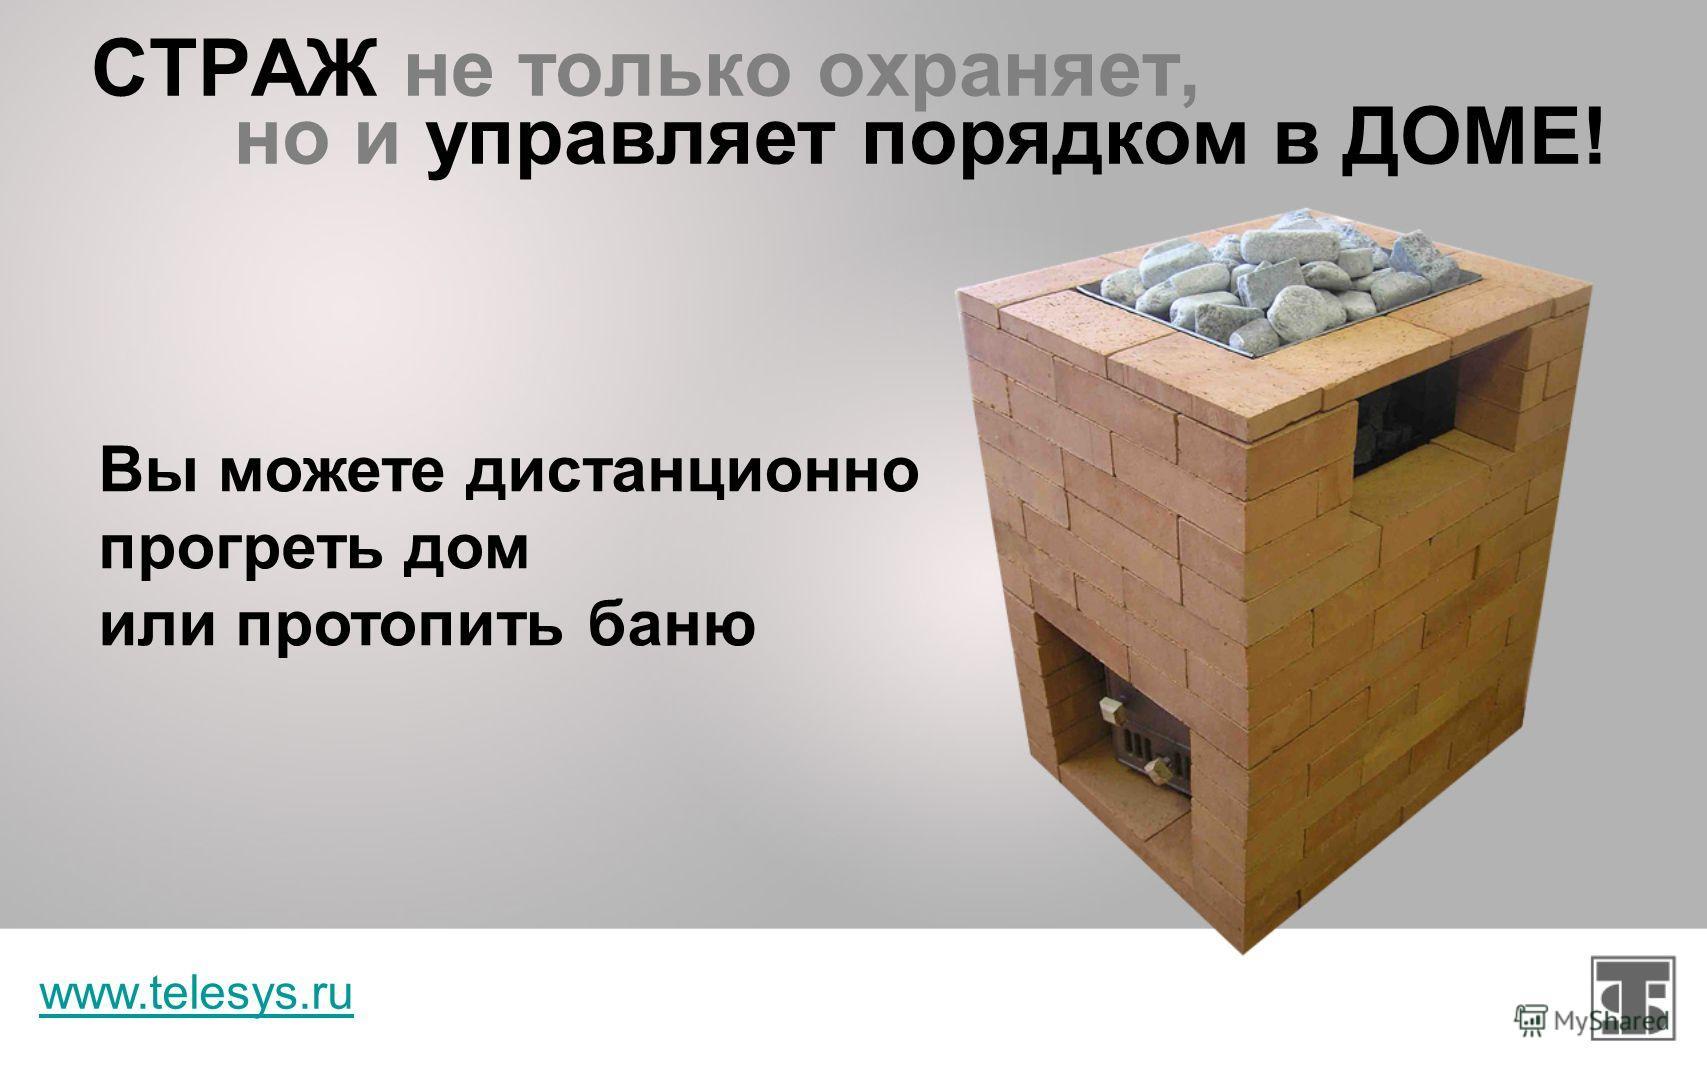 СТРАЖ не только охраняет, www.telesys.ru Вы можете осуществлять климат-контроль в квартире, поддерживая заданную температуру в помещении но и управляет порядком в ДОМЕ!